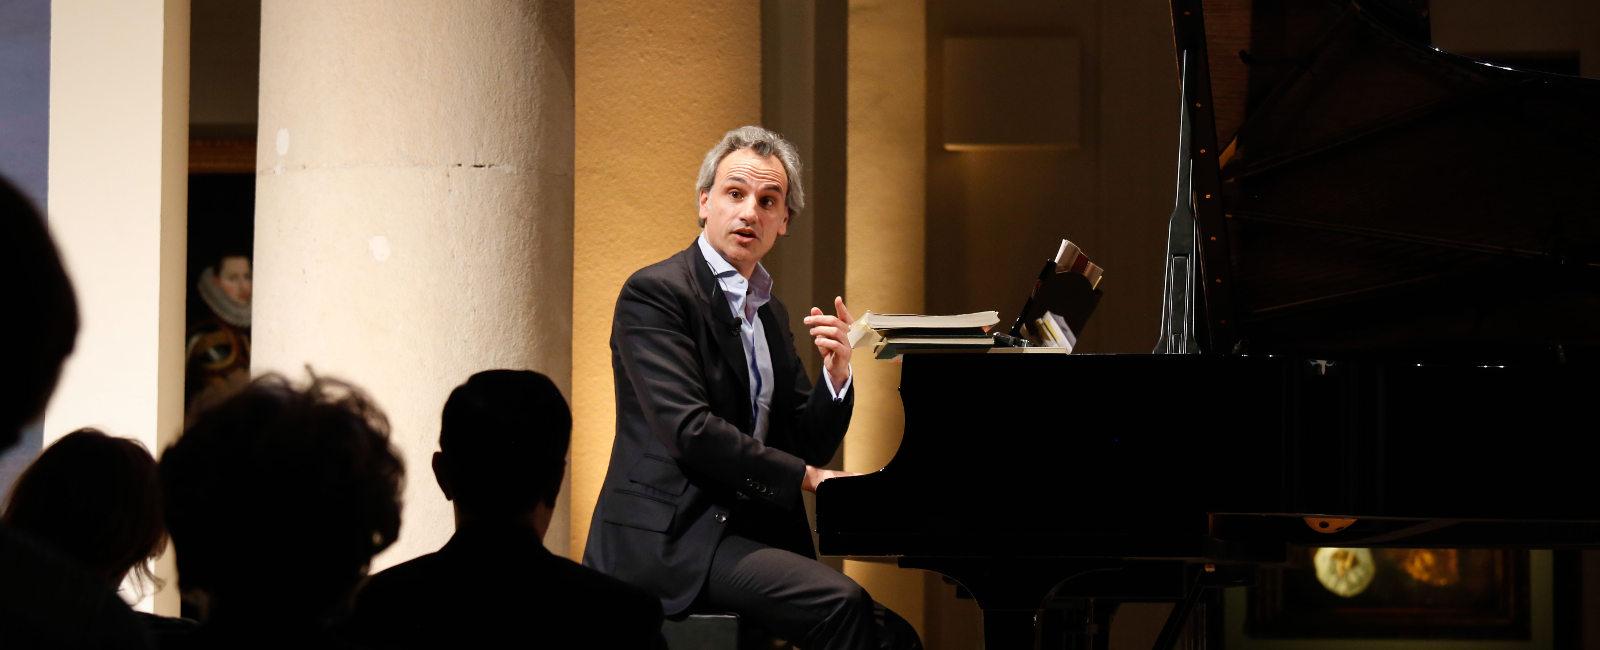 El director de orquesta y compositor Pedro Halffter Caro